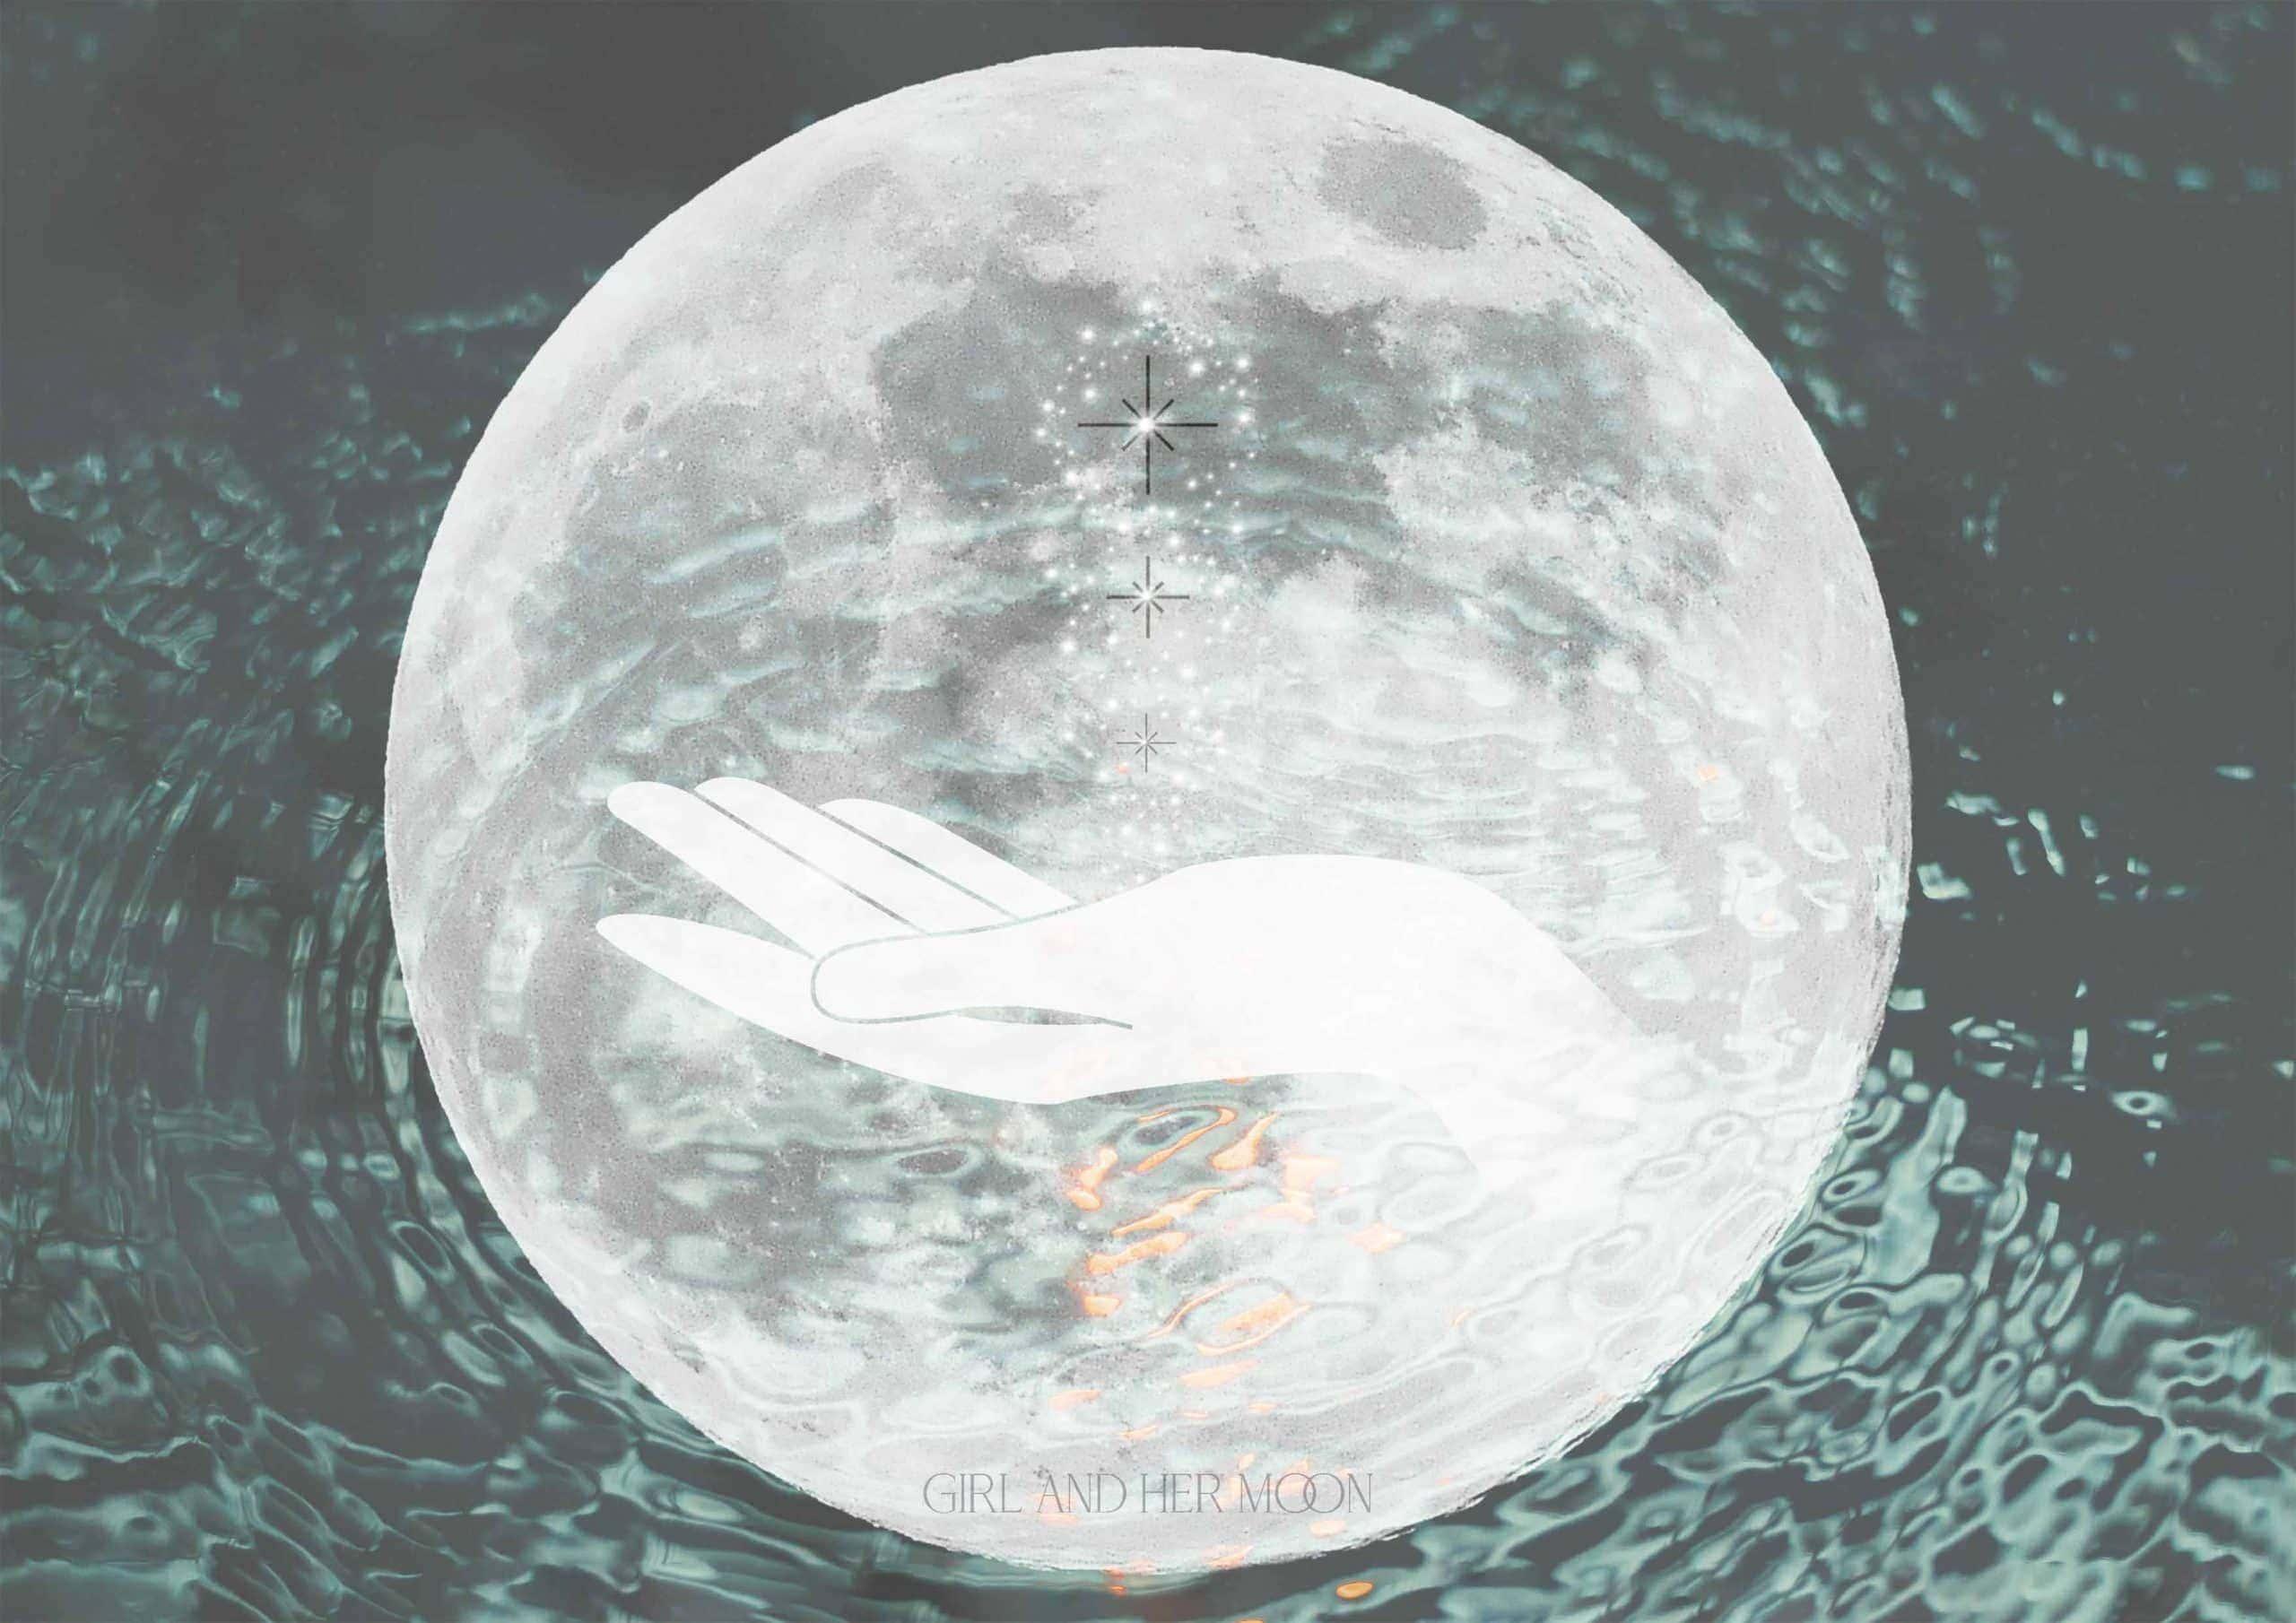 Pisces Full Moon September 2020 - Girl and Her Moon